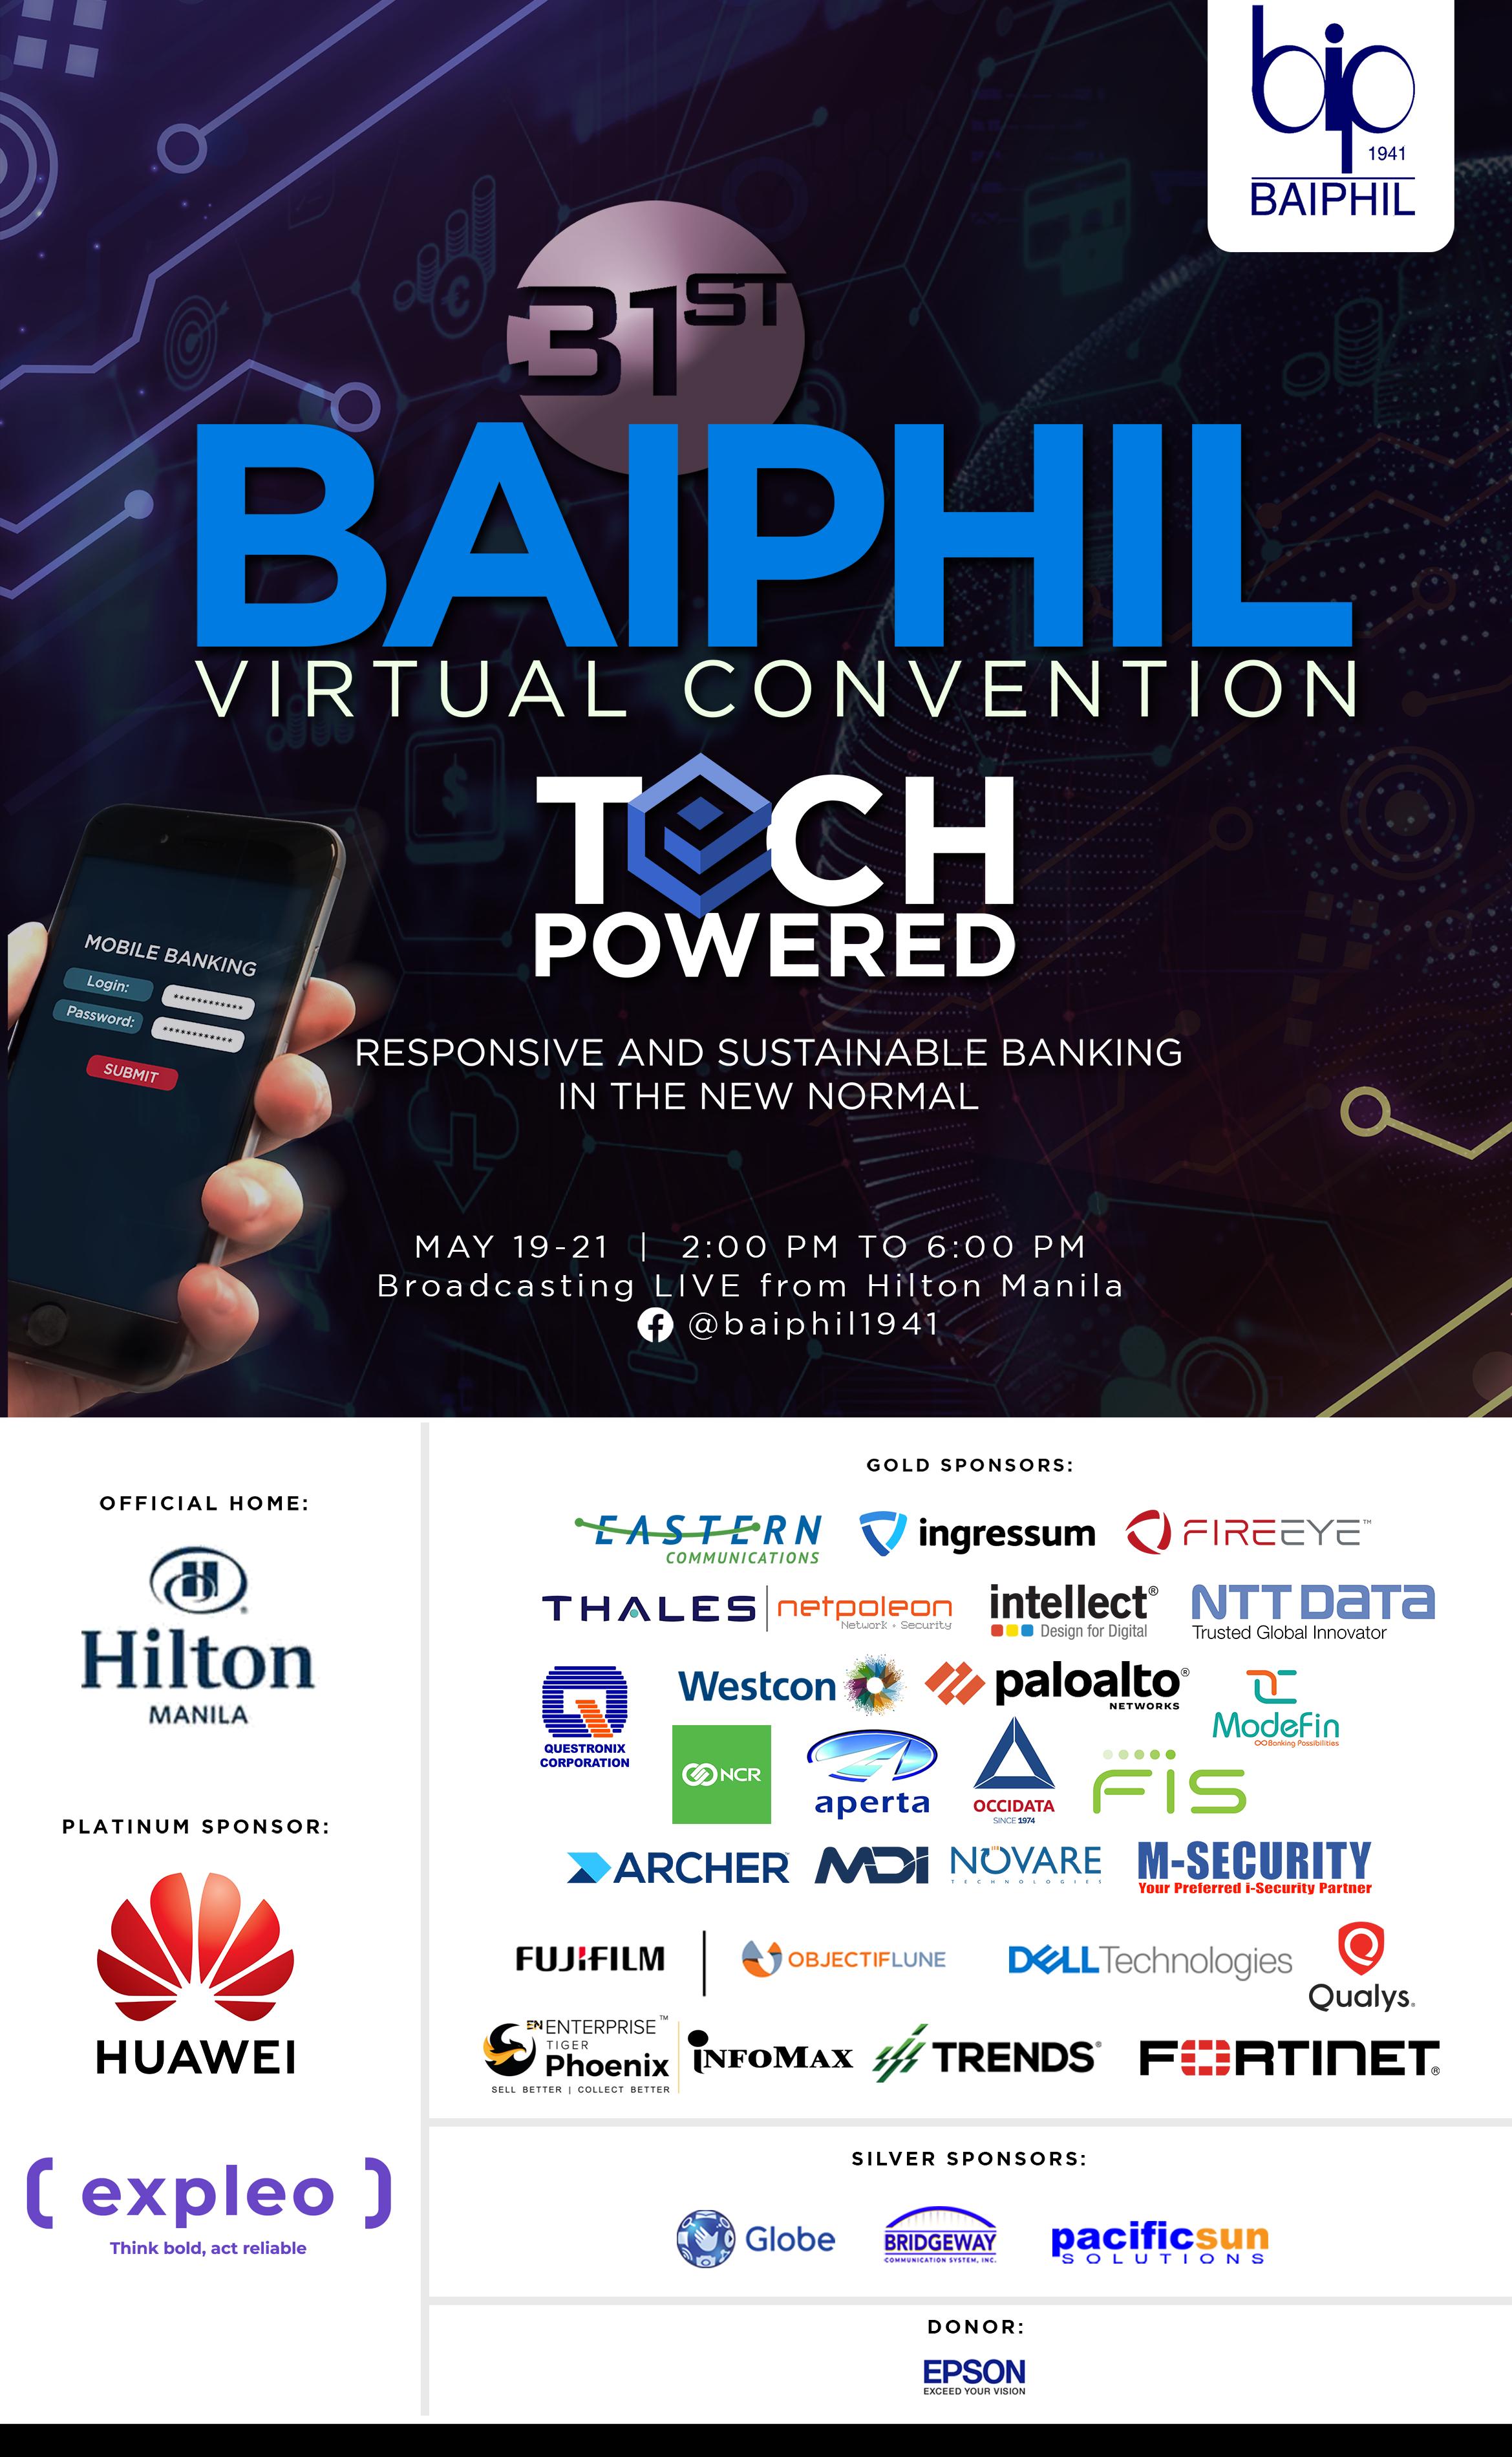 31st BAIPHIL Virtual Convention